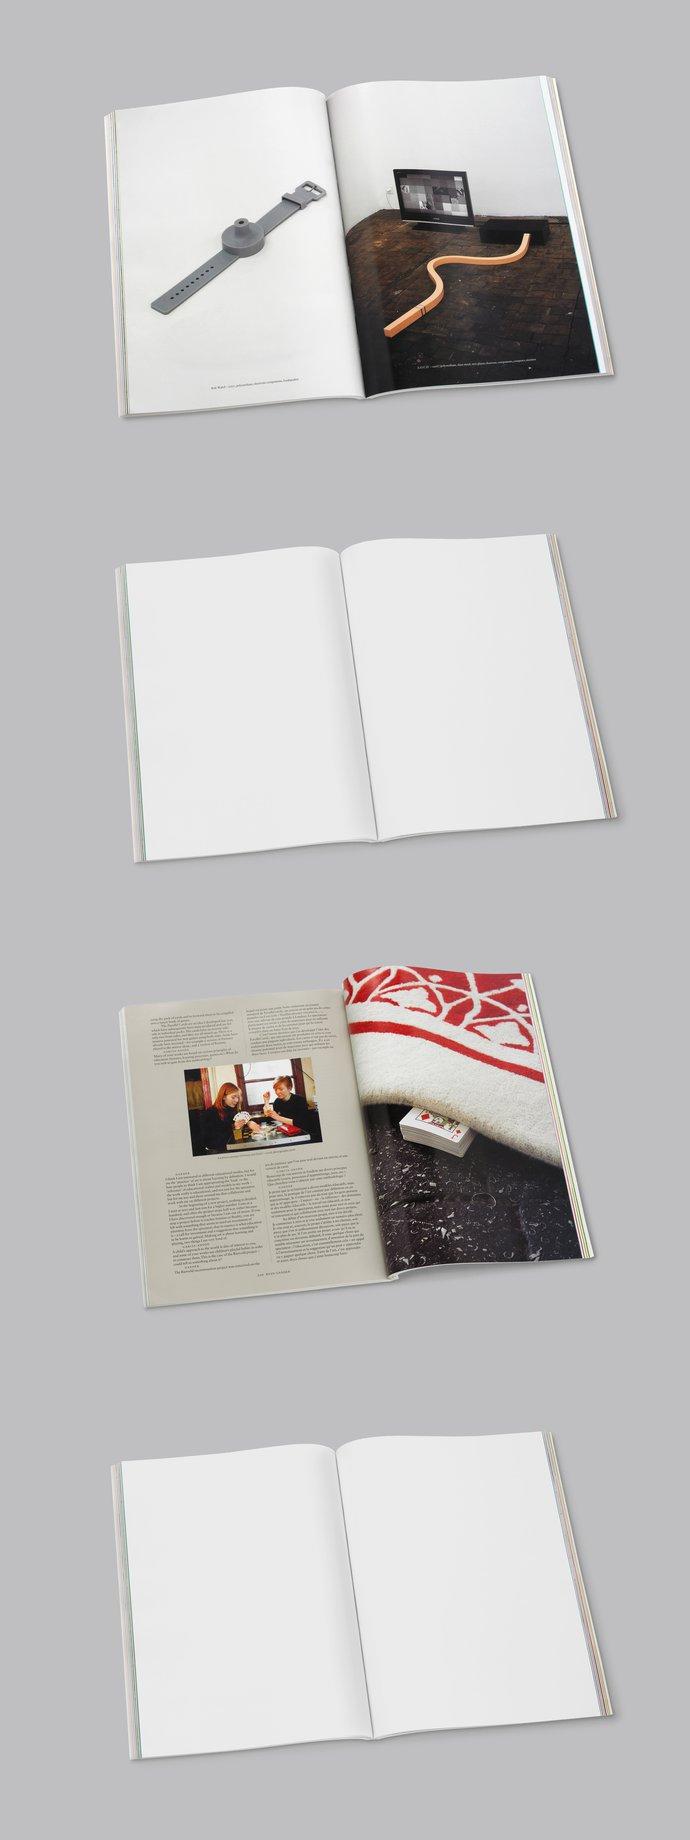 Centre d'Art Contemporain, Geneva – Wouldn't it be nice…, 2008 (Publication), image 6